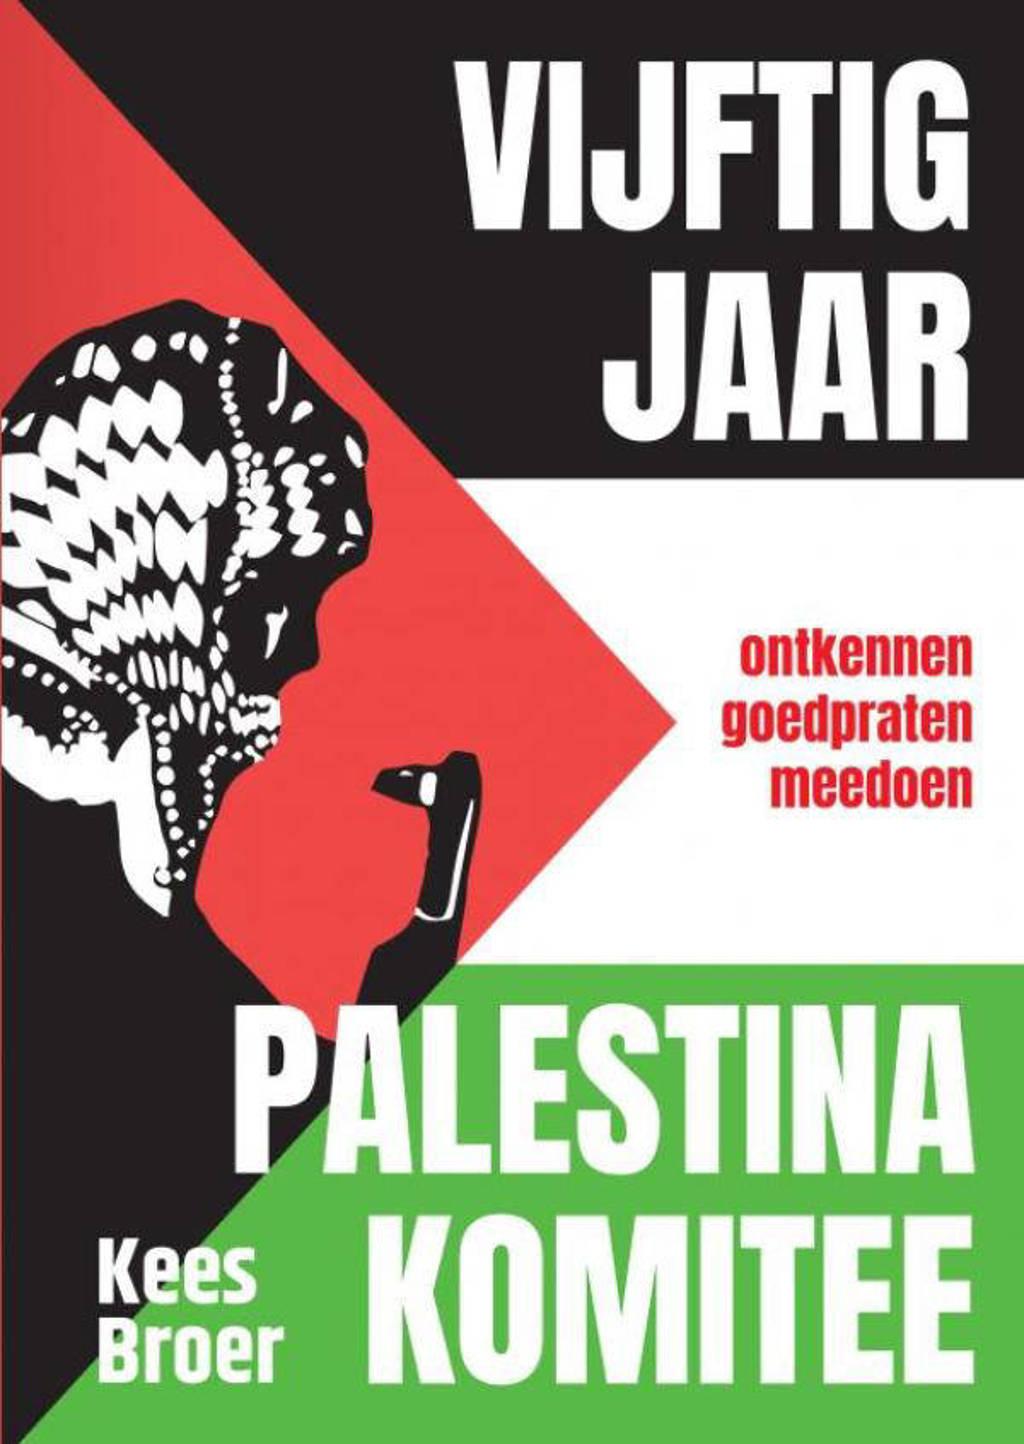 Vijftig jaar Palestina Komitee - Kees Broer